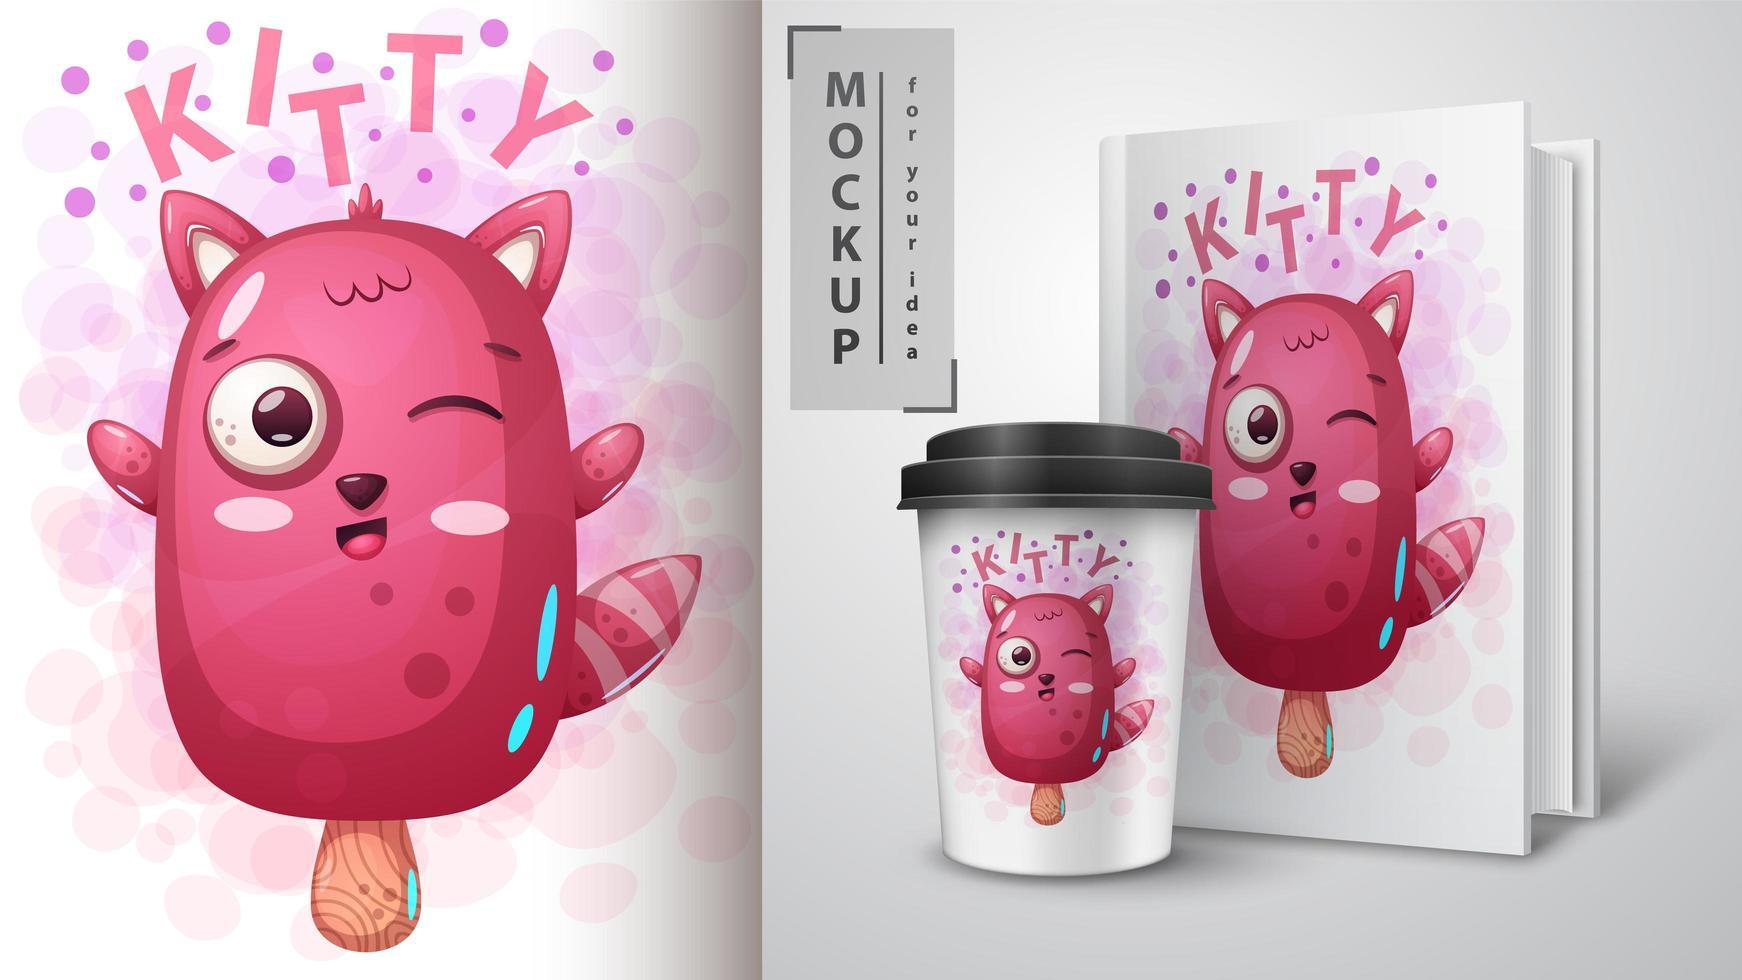 simpatico design da gelato rosa gattino vettore